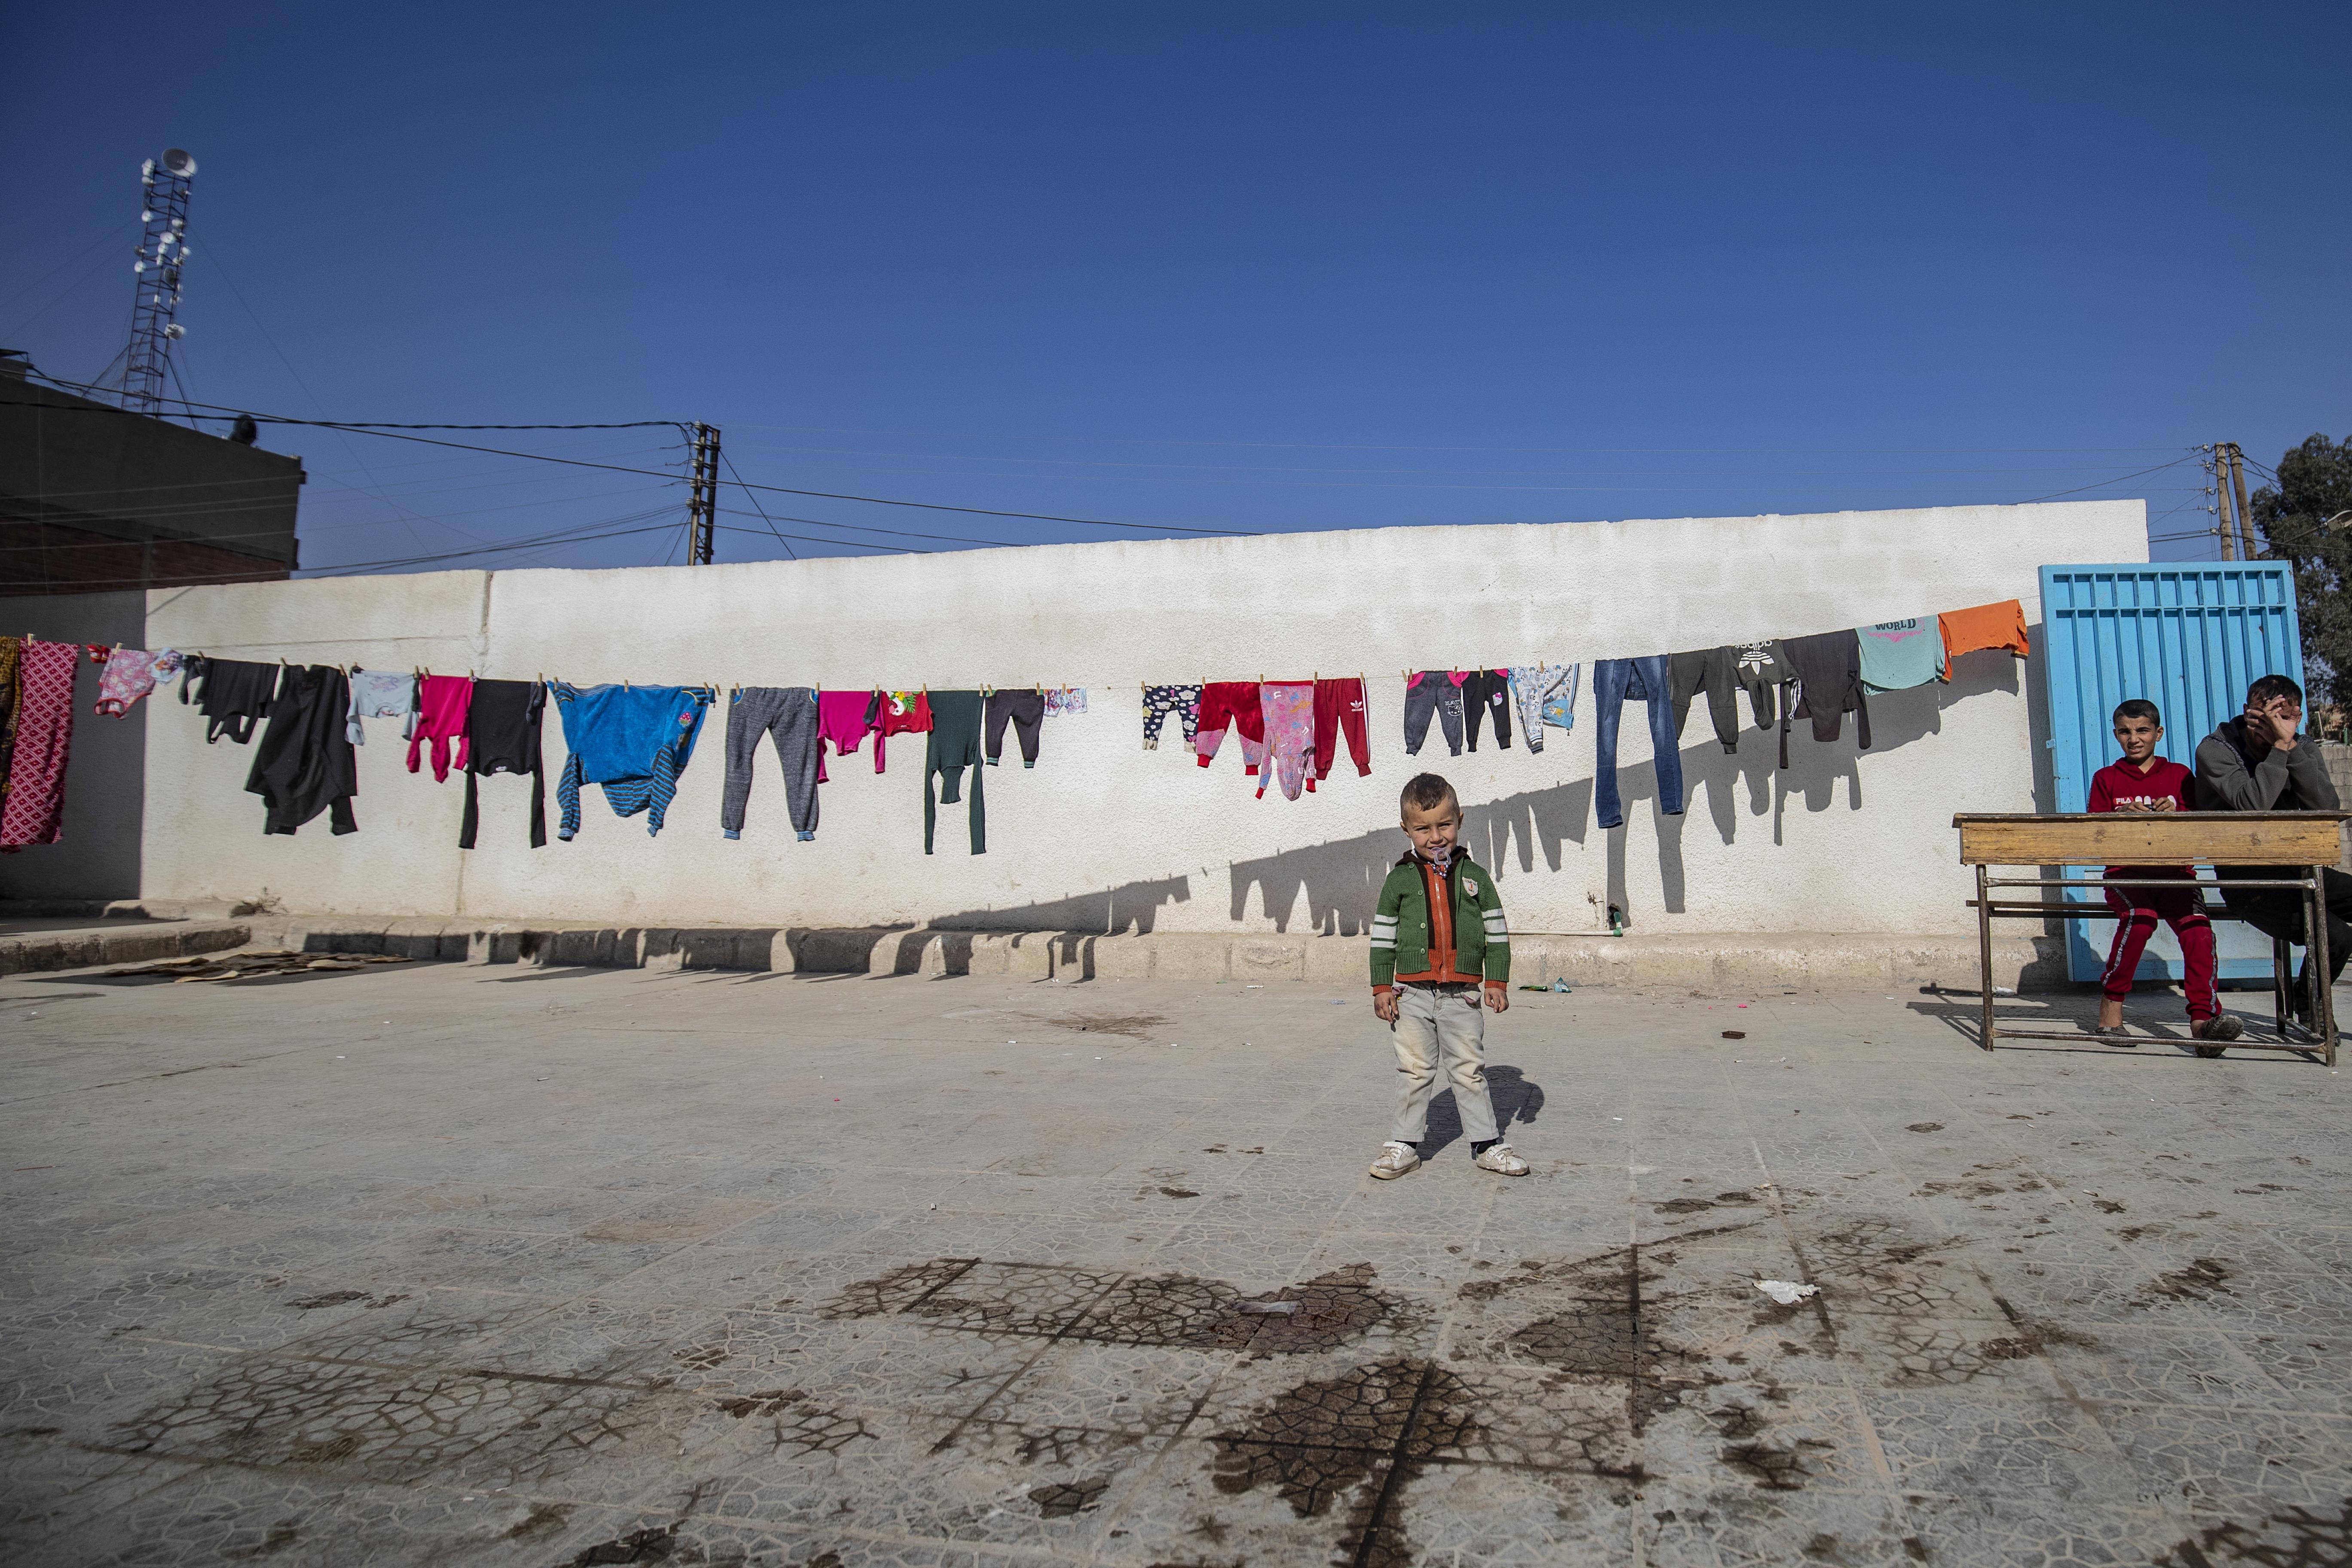 النازحون يتوافدون بشكل دائم خاصة في مدينة الحسكة منذ بدء الهجوم التركي